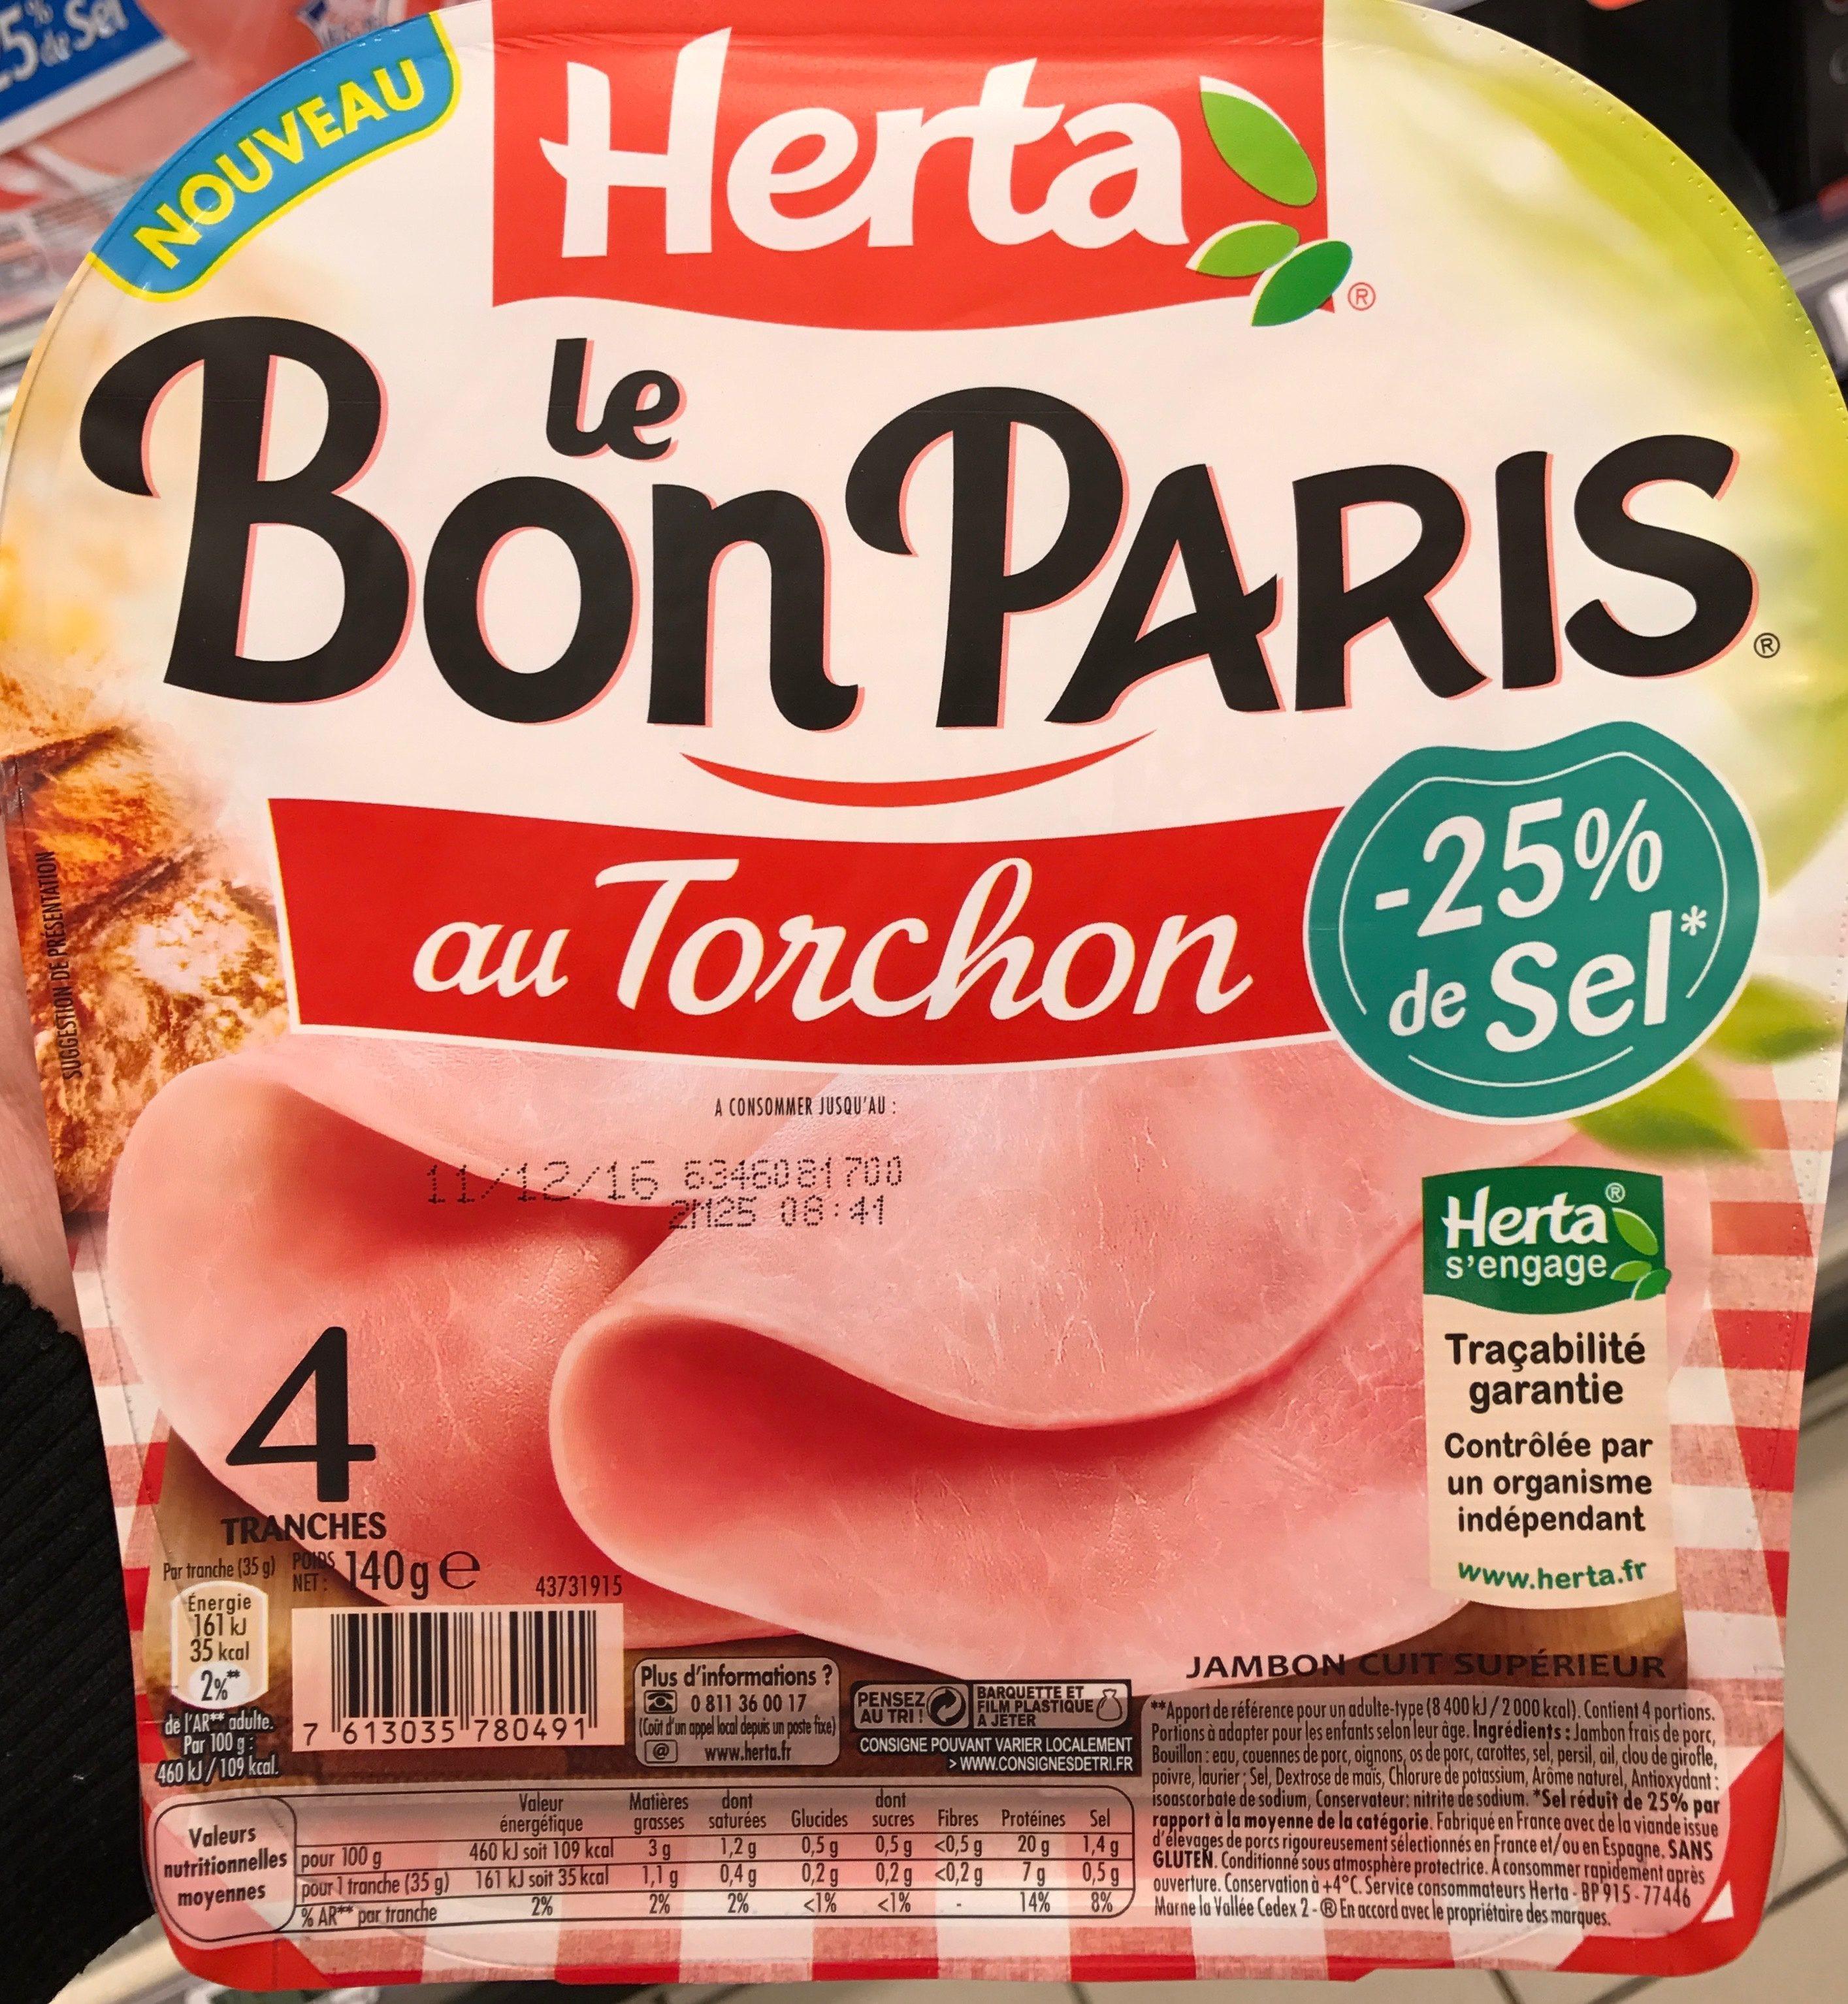 Le Bon Paris au Torchon -25% de Sel - Produit - fr